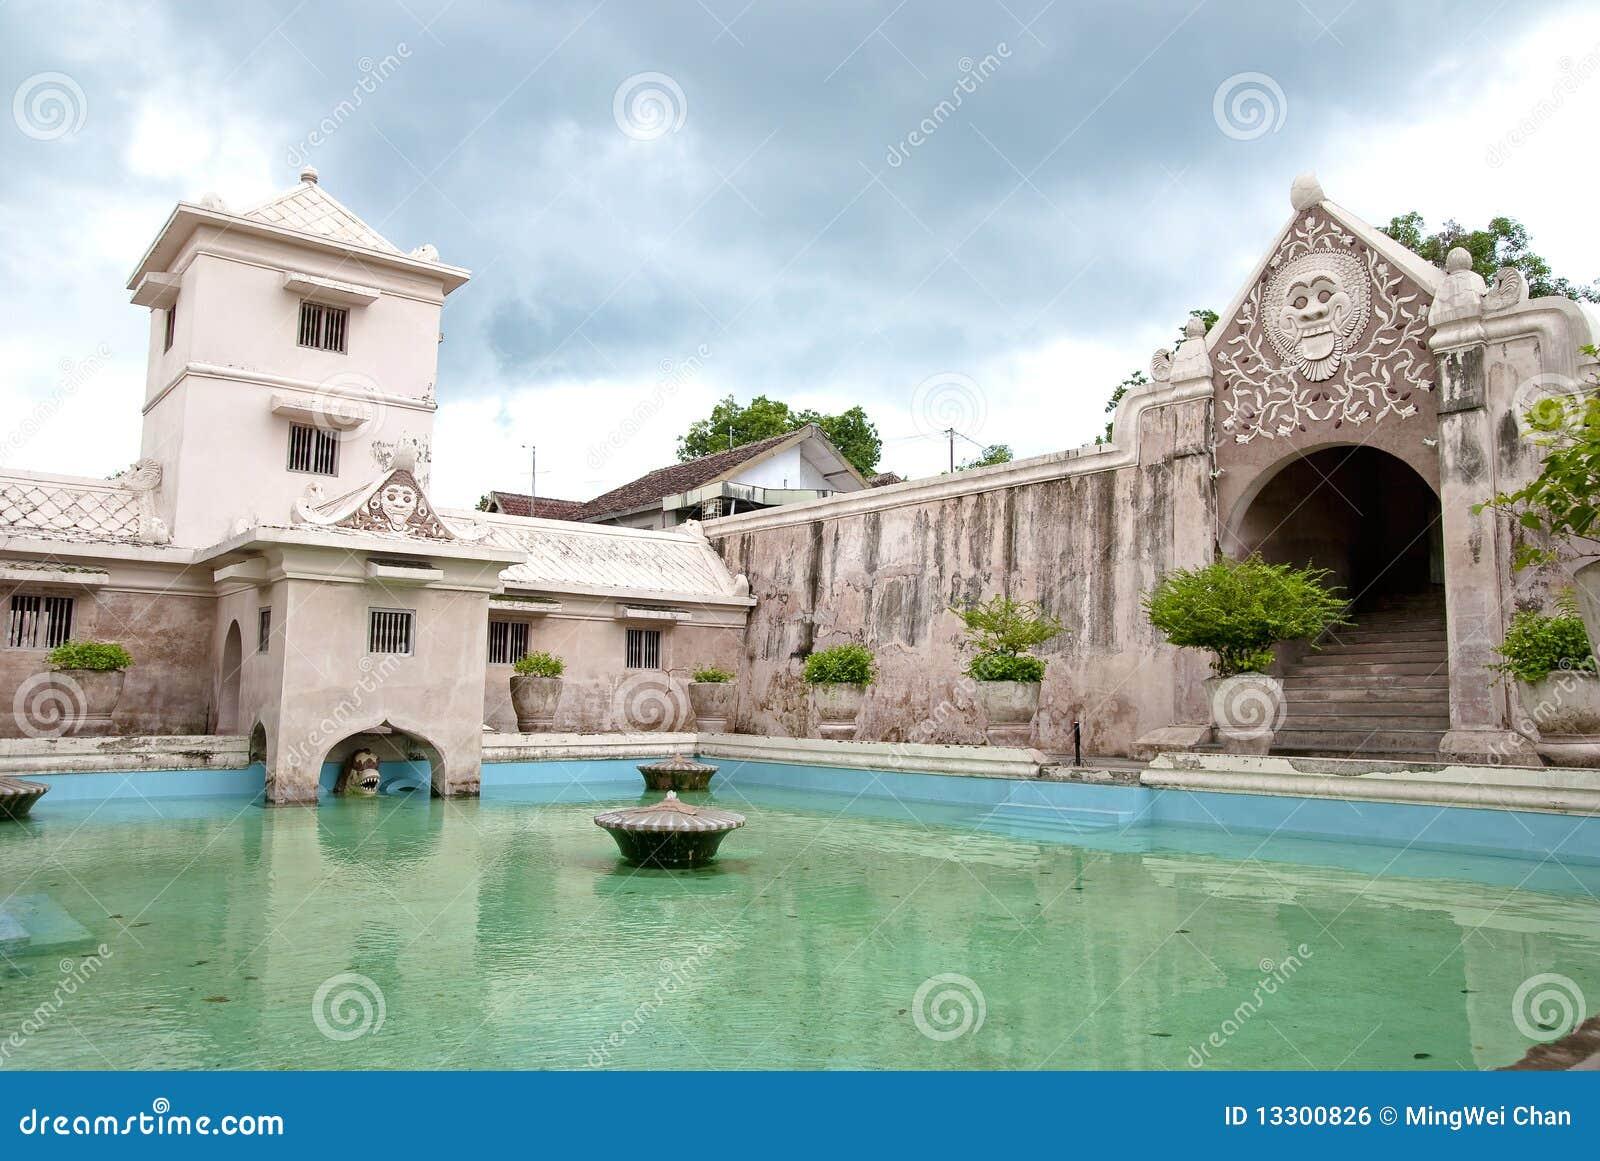 Royal Castle Borobudur Royalty Free Stock Image Image